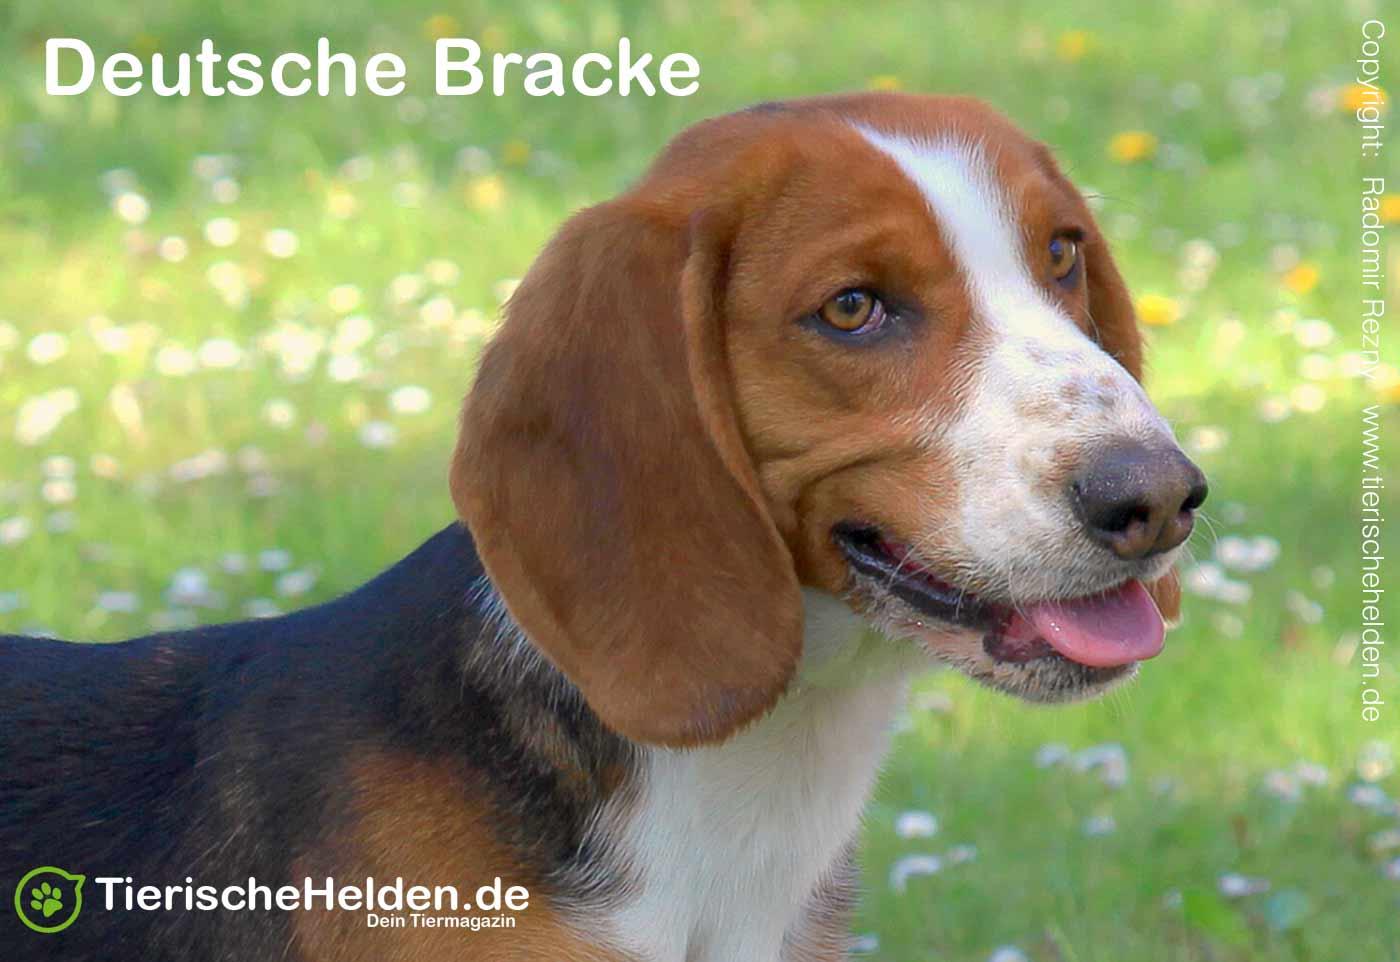 Hunderasse Deutsche Bracke